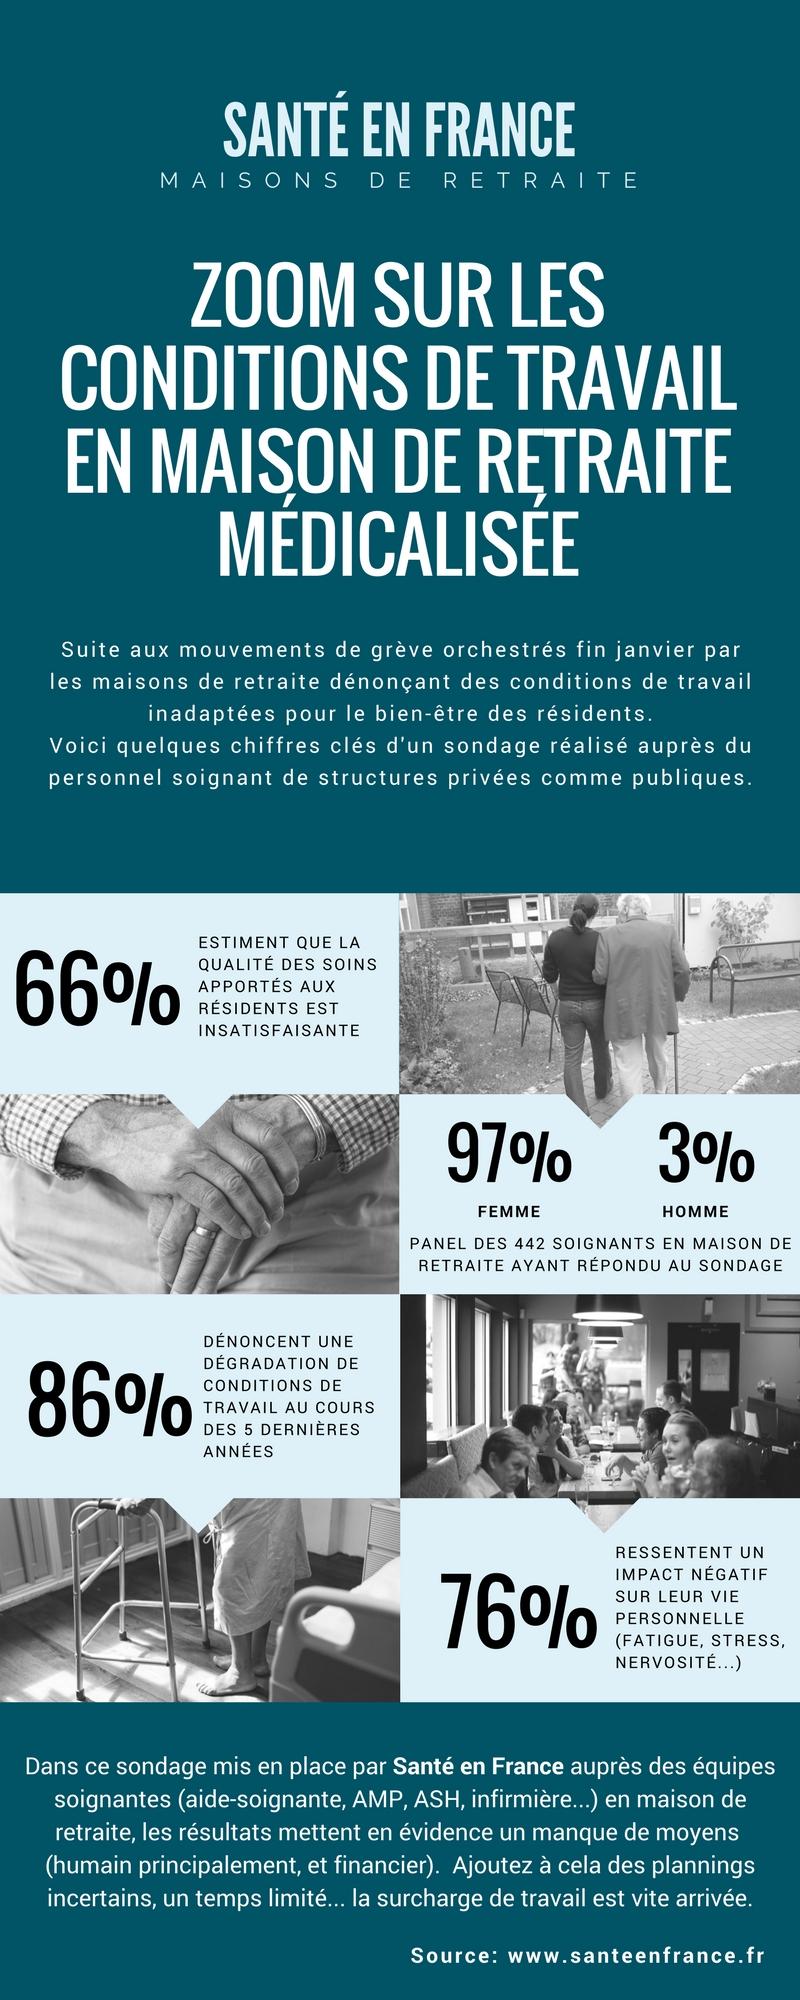 conditions de travail en maison de retraite